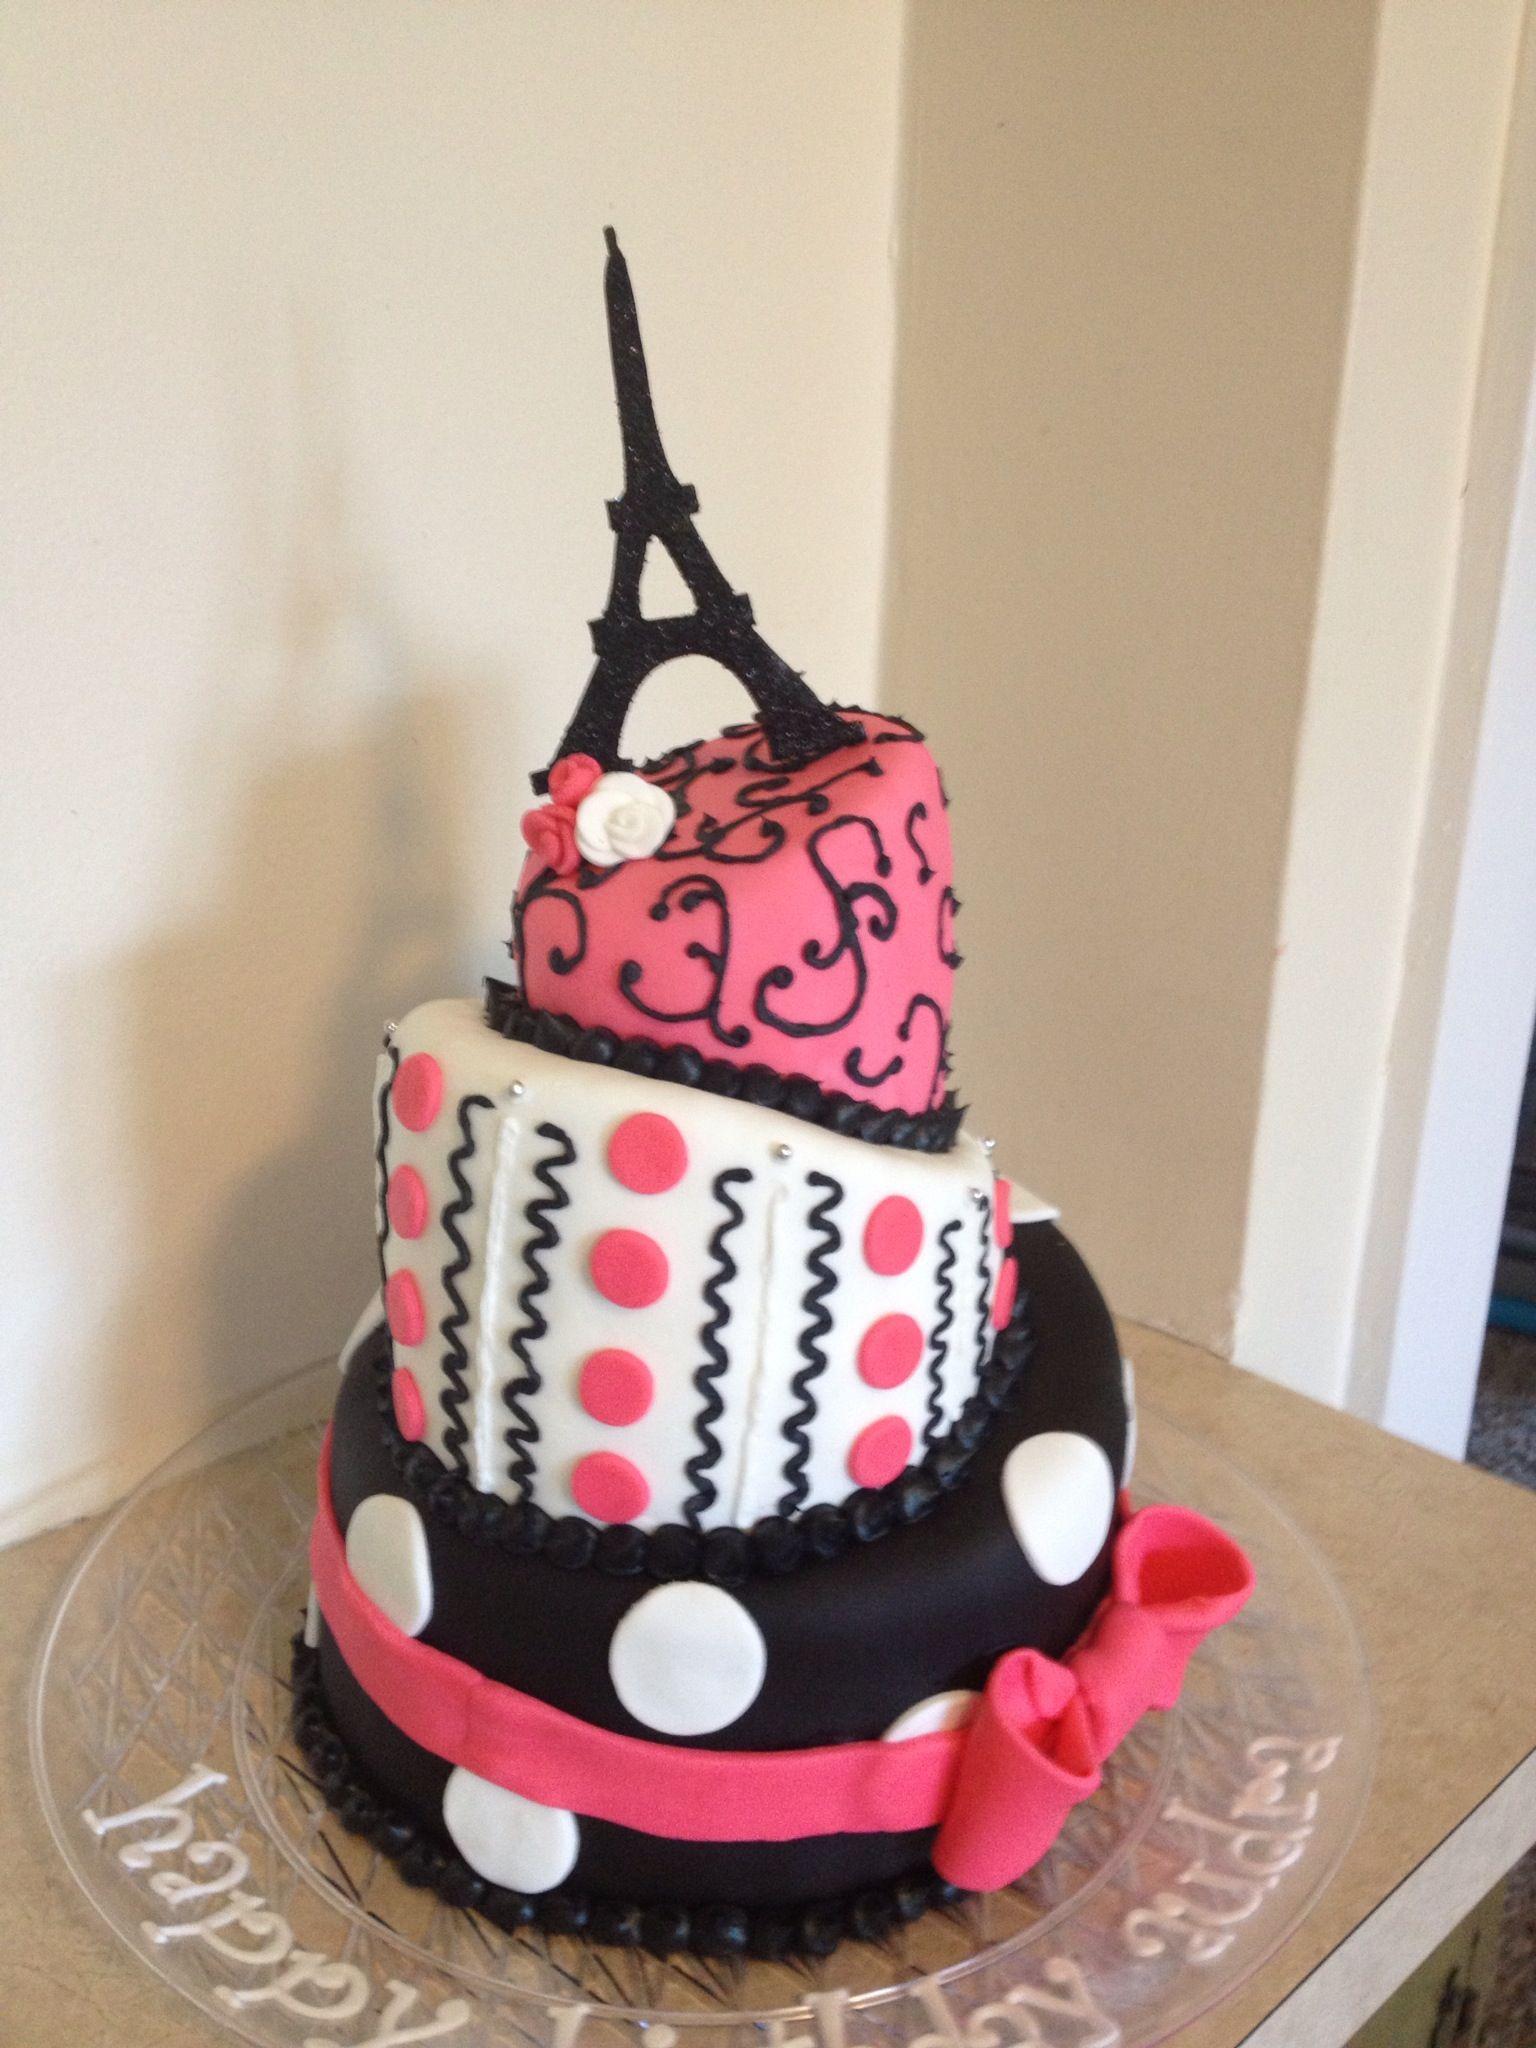 Paris Themed Topsy Turvy Birthday Cake Cakes I Have Made - Birthday cake paris